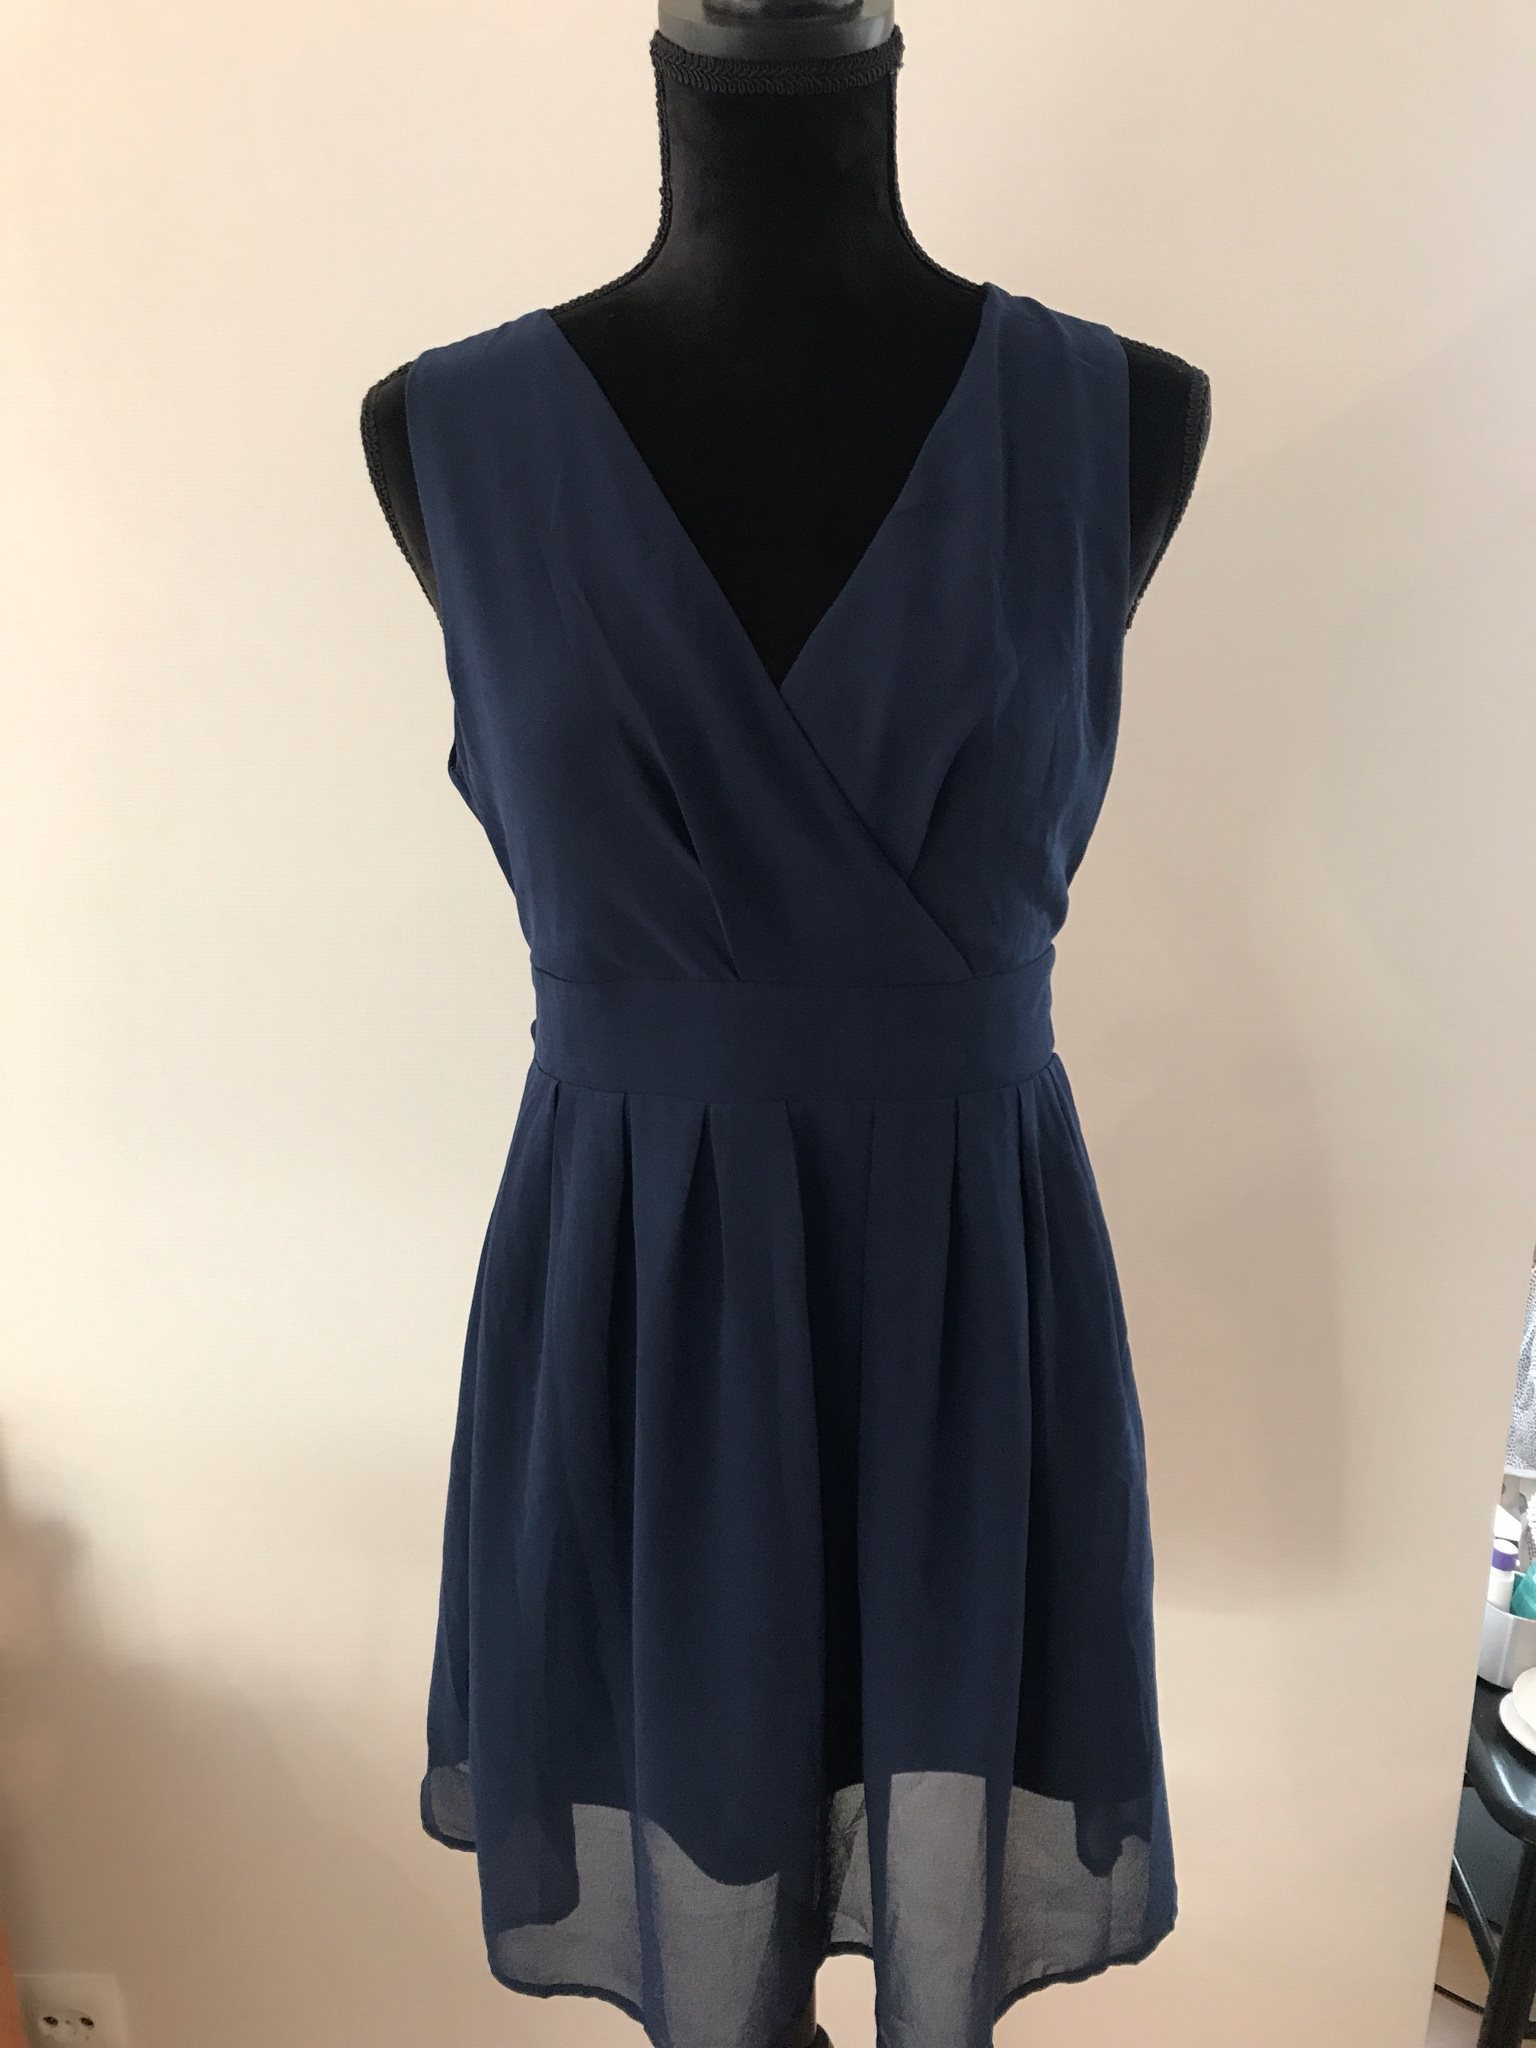 e0842bc40e0 Marinblå kort v-ringad klänning M/L, köpt i Lon.. (336099599) ᐈ Köp ...